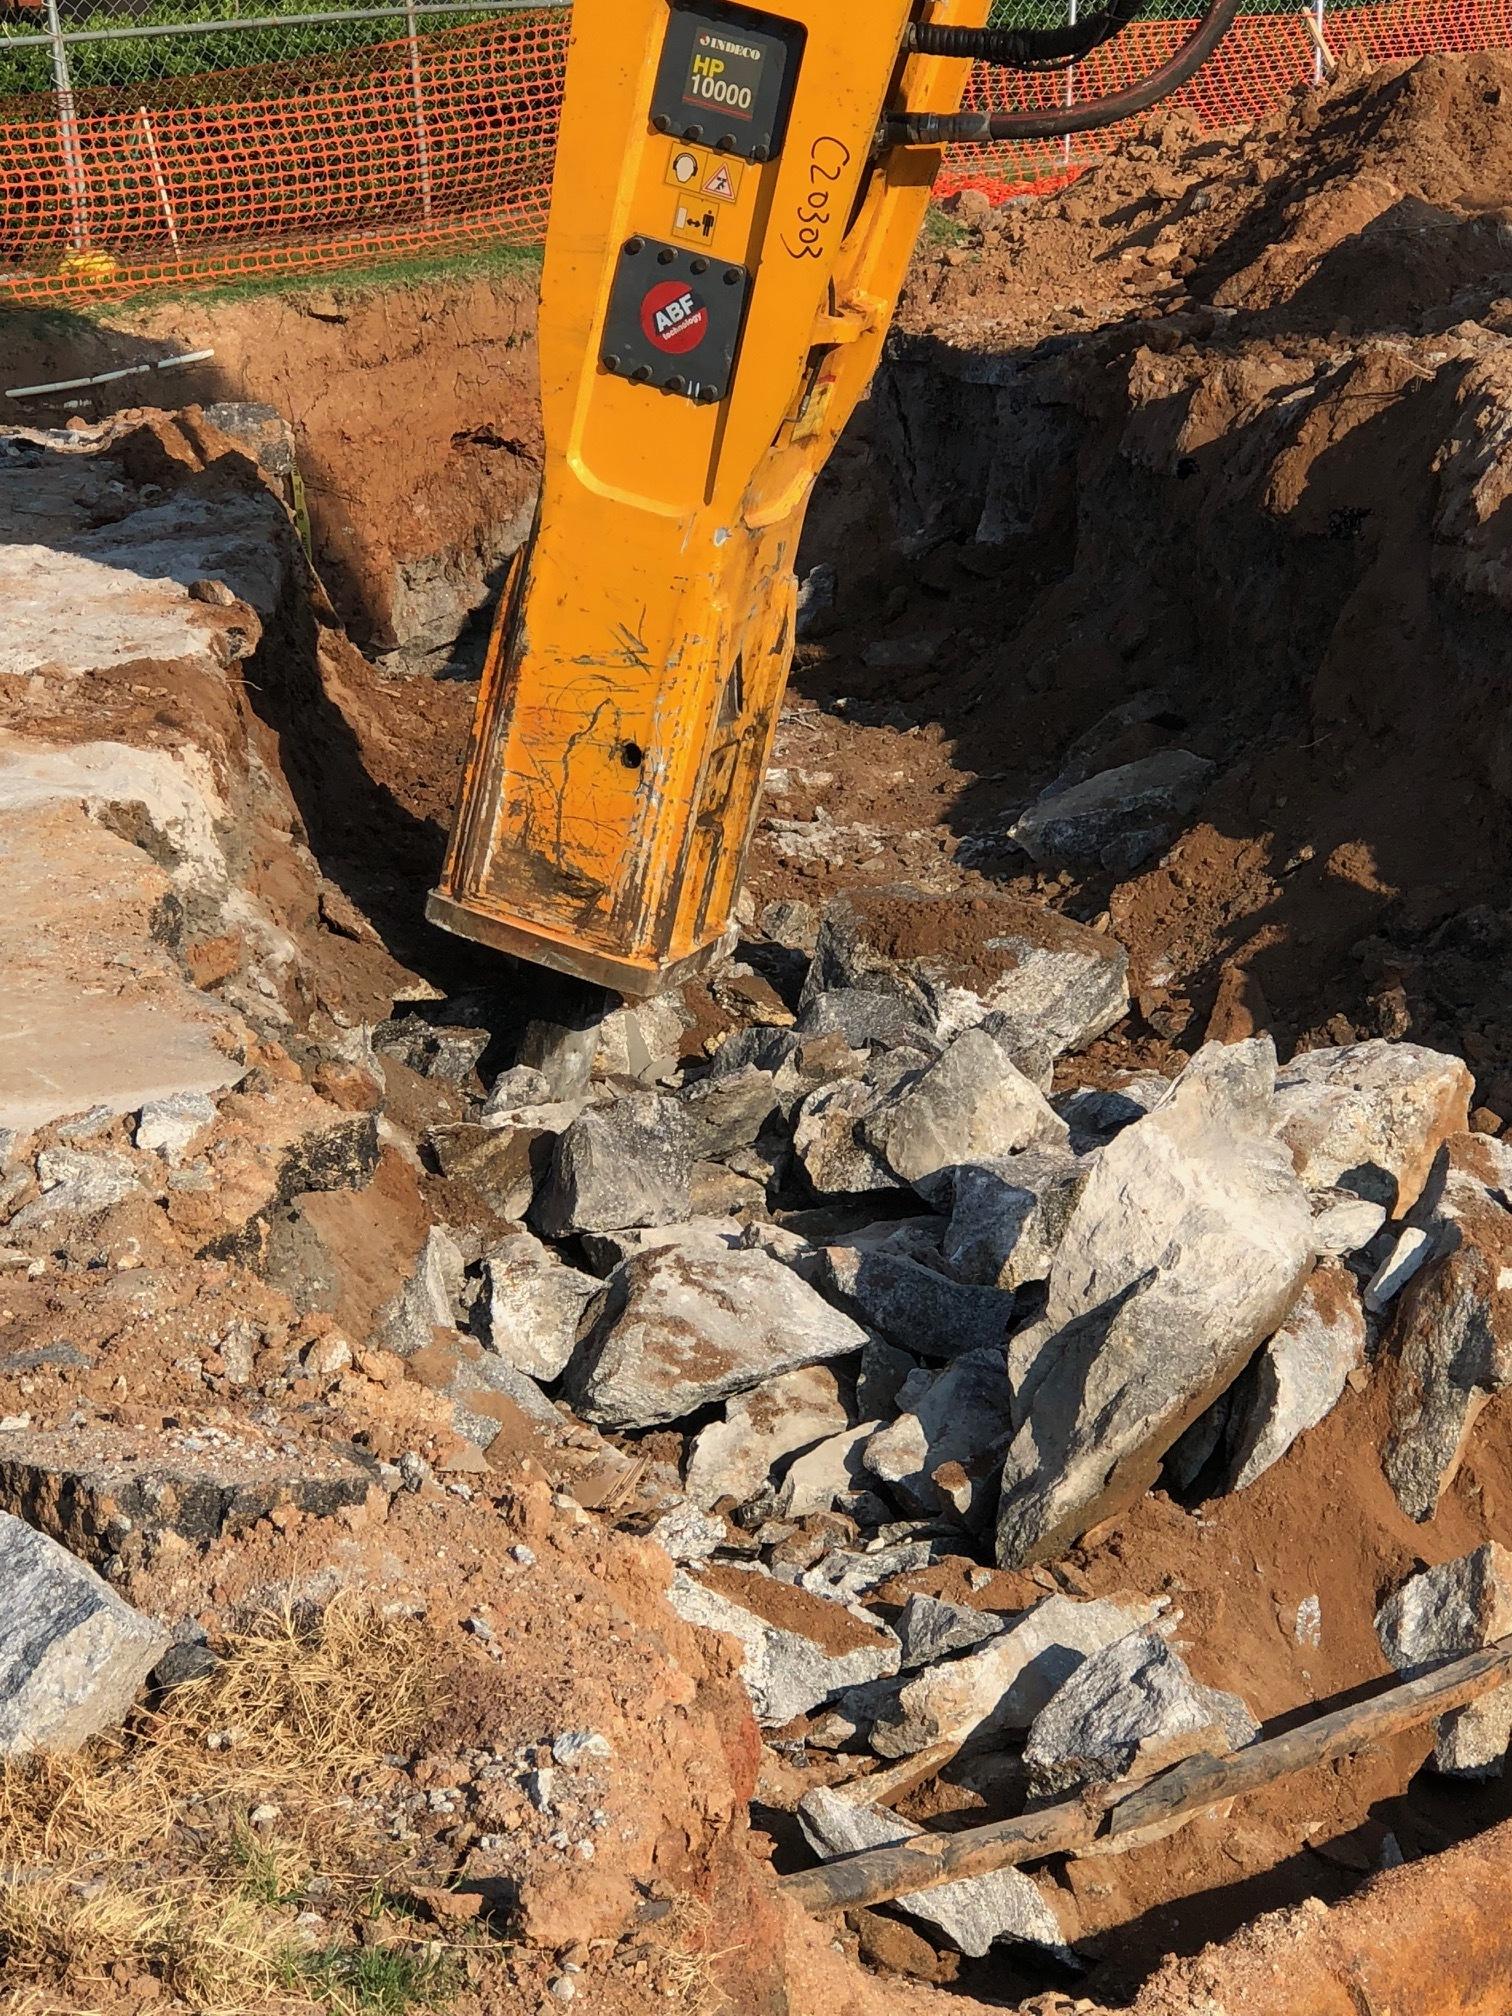 hydraulic breaker fracturing rock